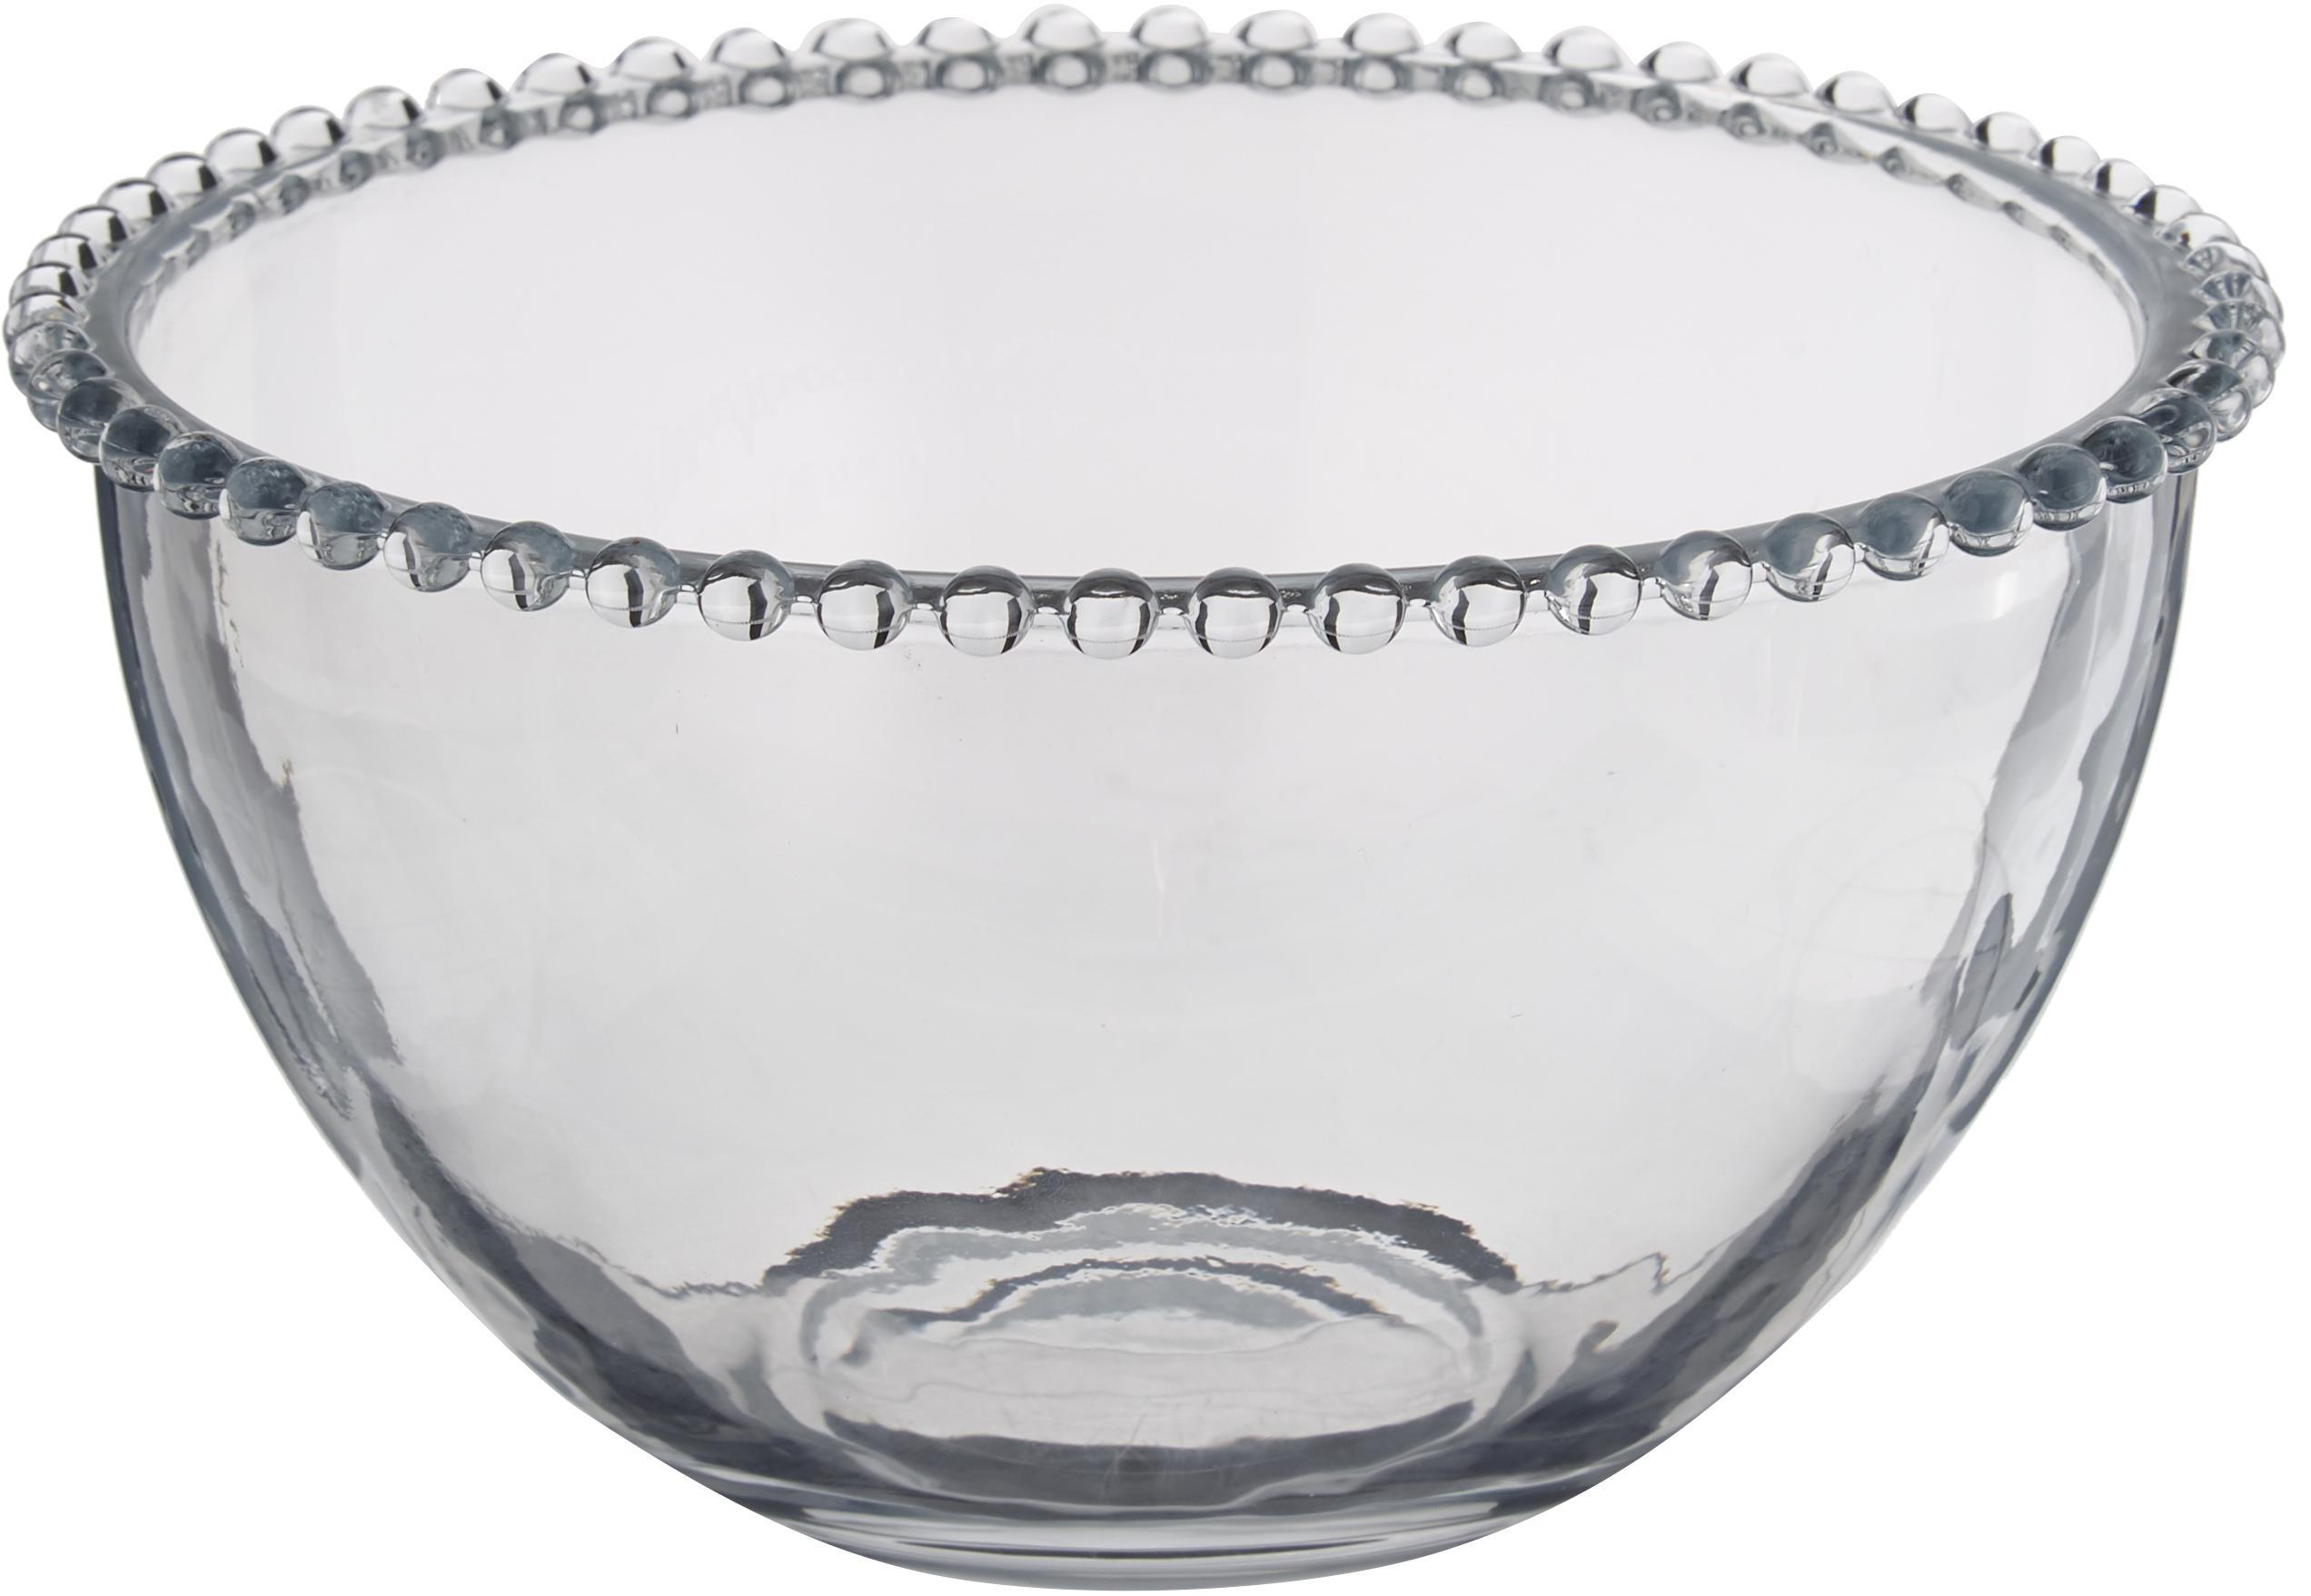 Bol de vidrio Perles, Vidrio, Transparente, Ø 21 cm